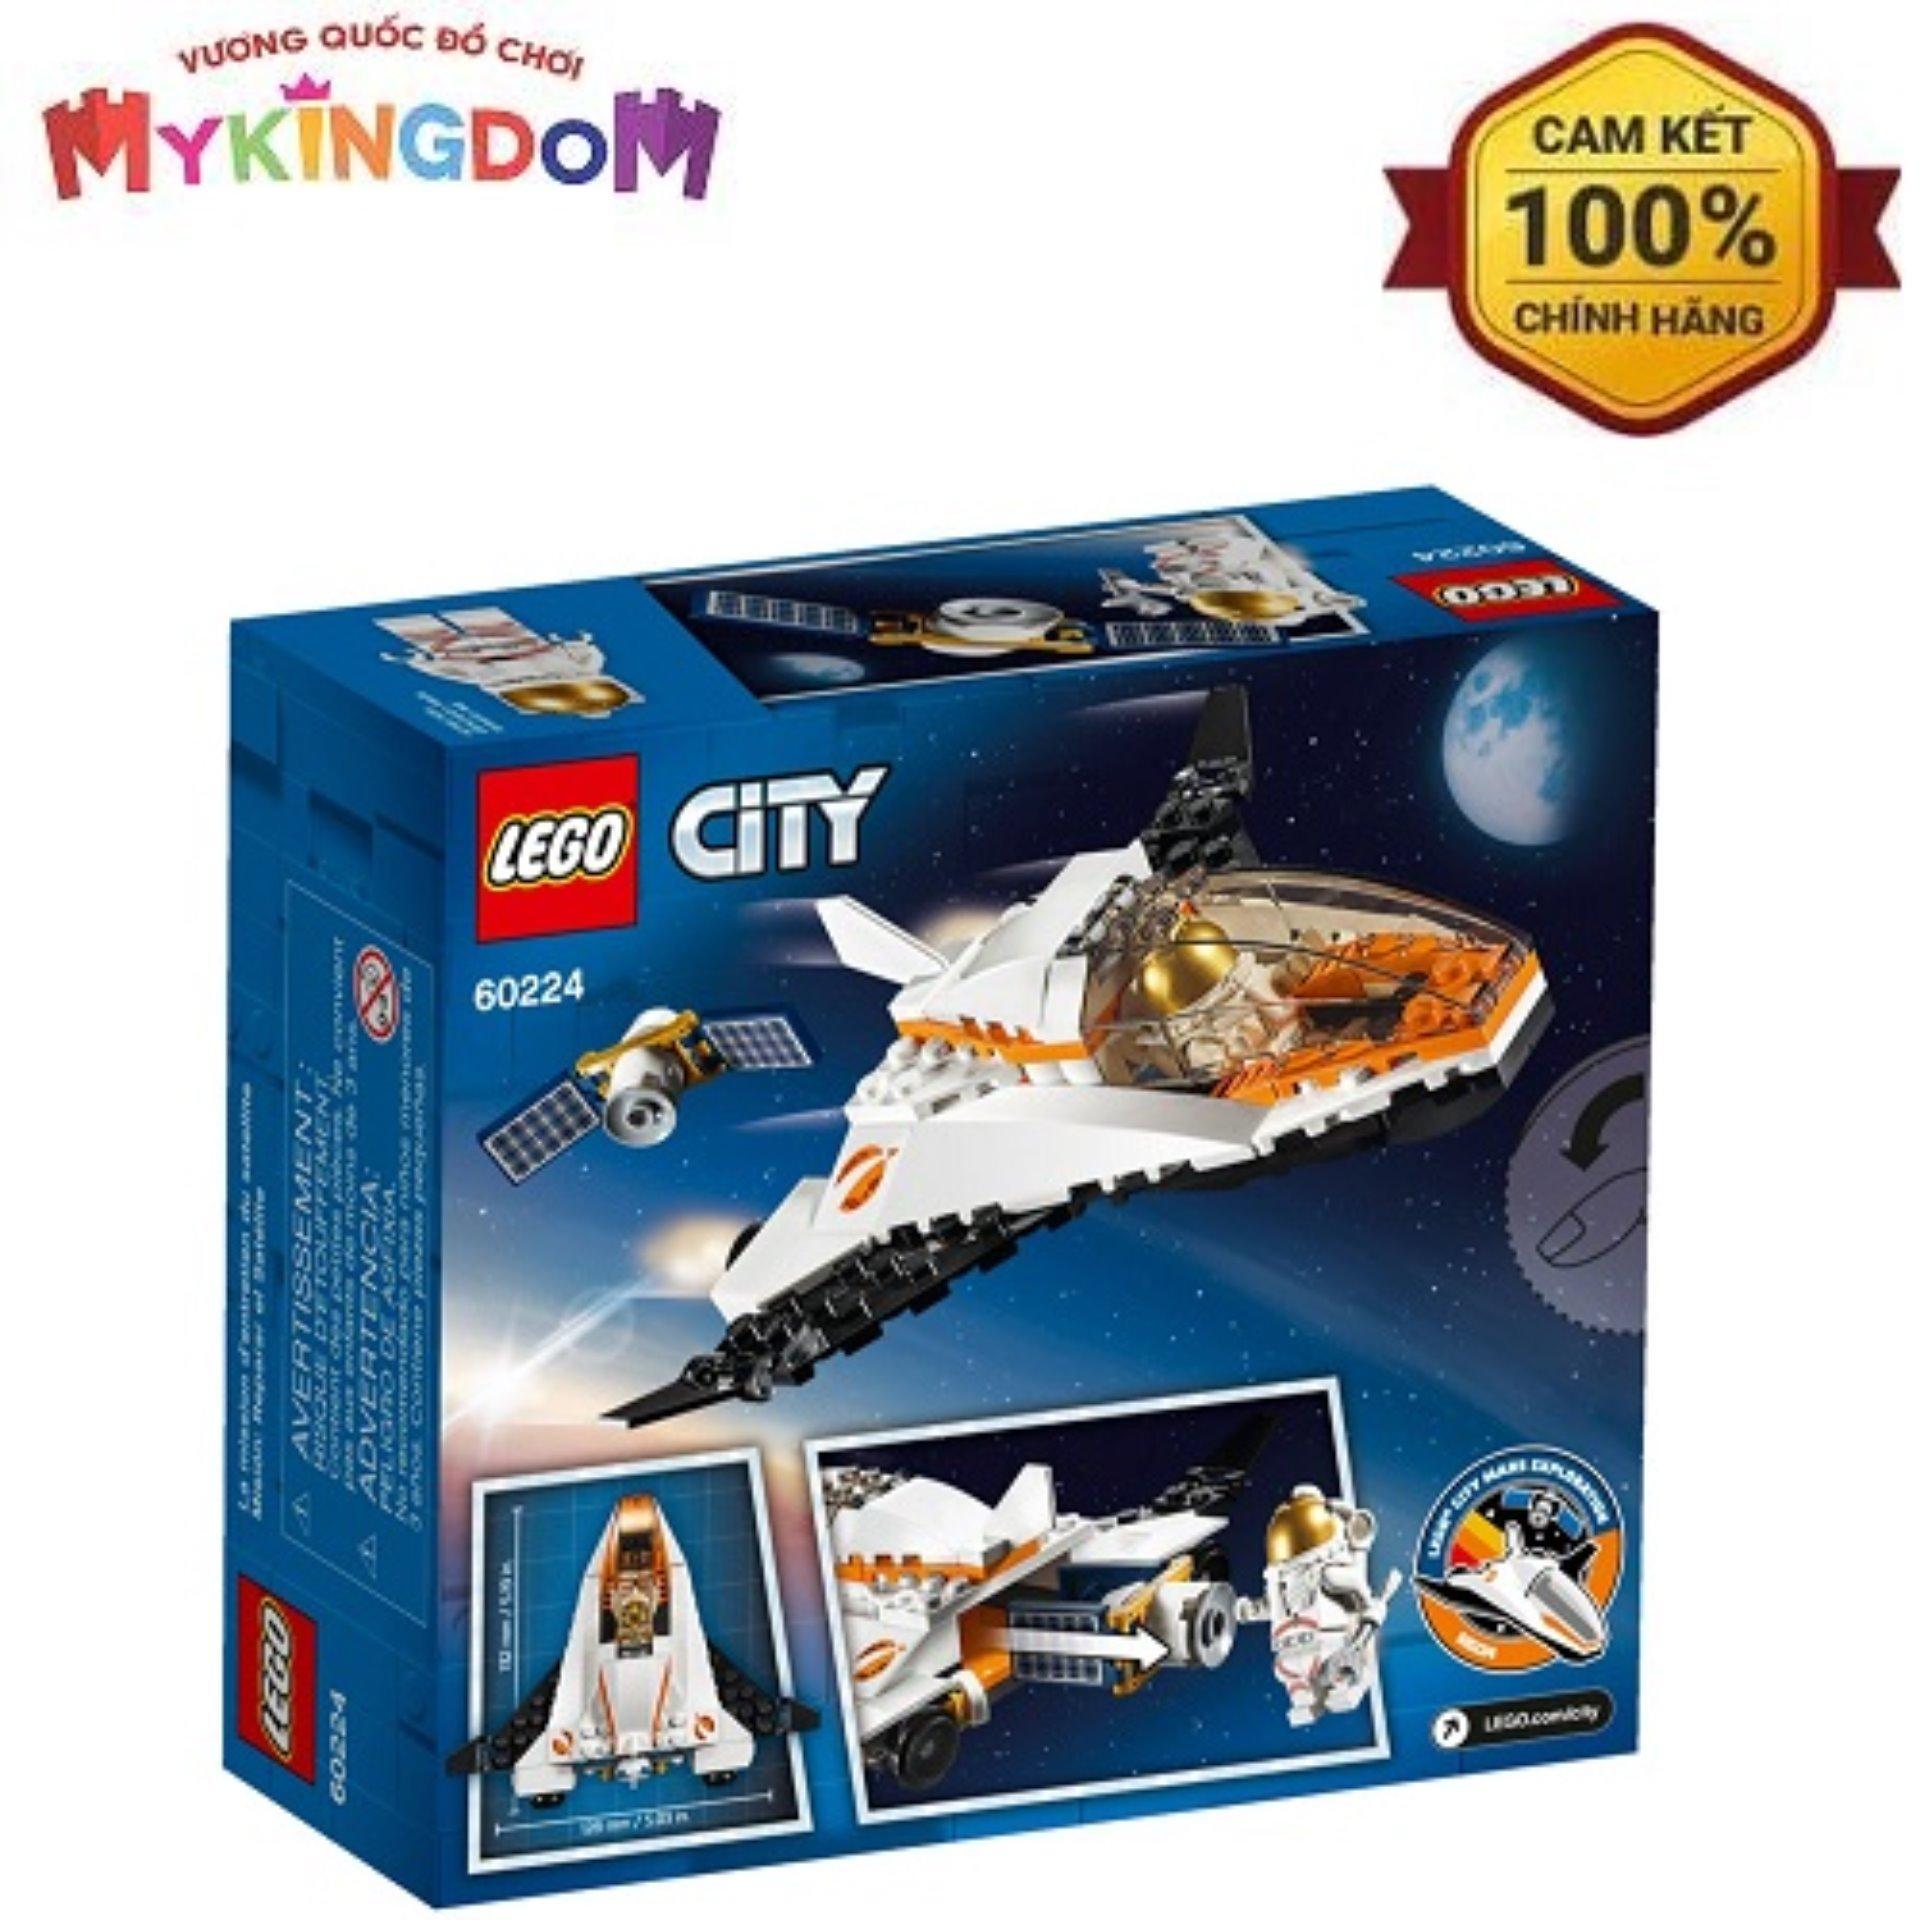 Trạm Dịch Vụ Vệ Tinh LEGO 60224 Giá Quá Ưu Đãi